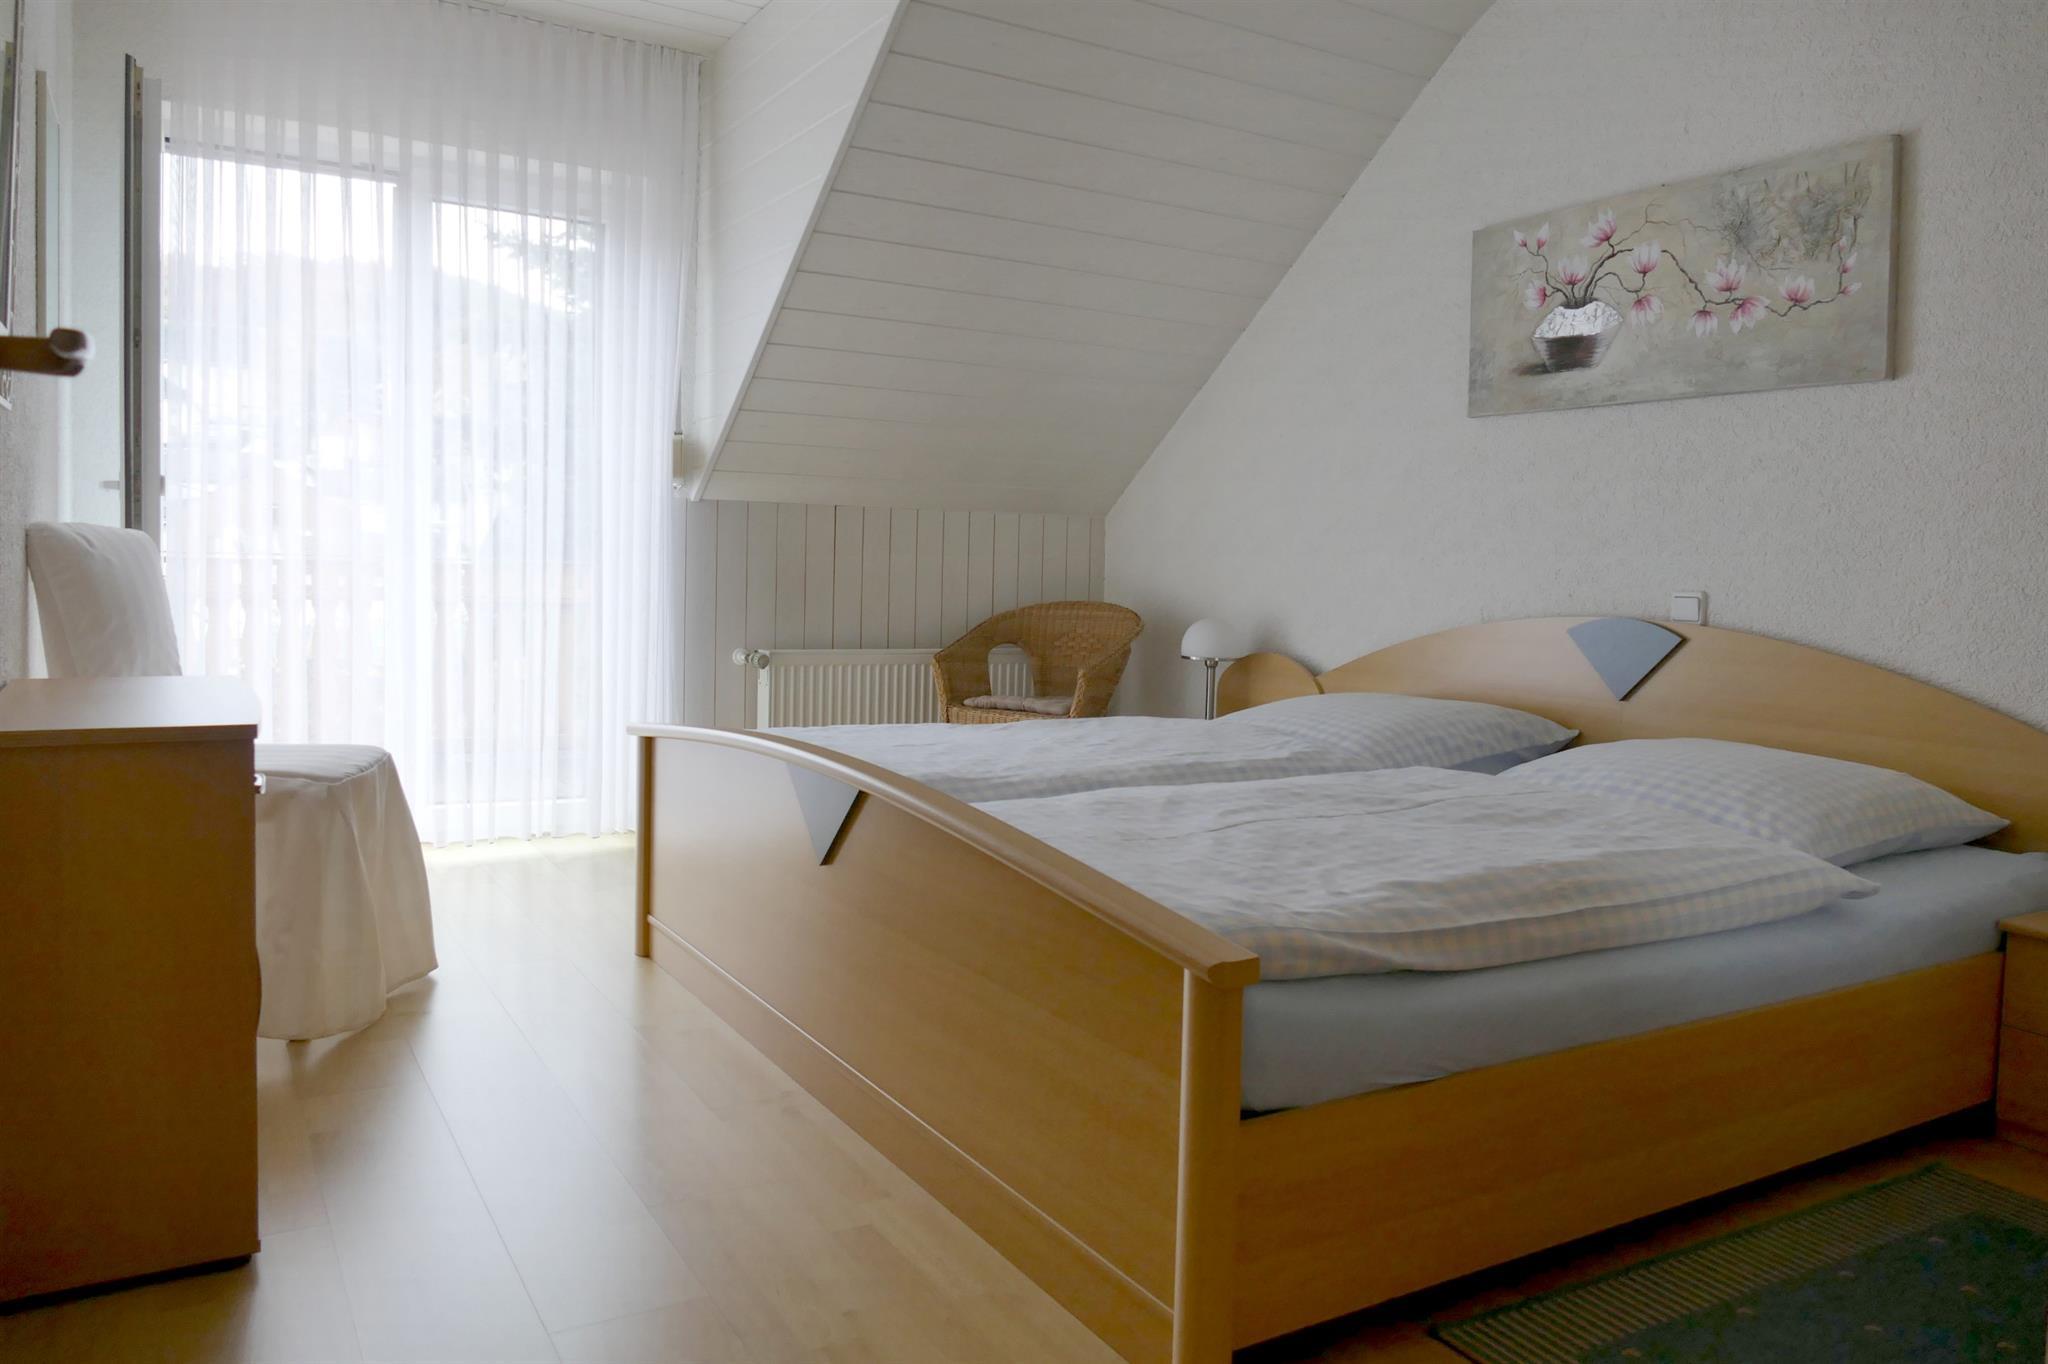 Ferienwohnung Pabst Schlafzimmer